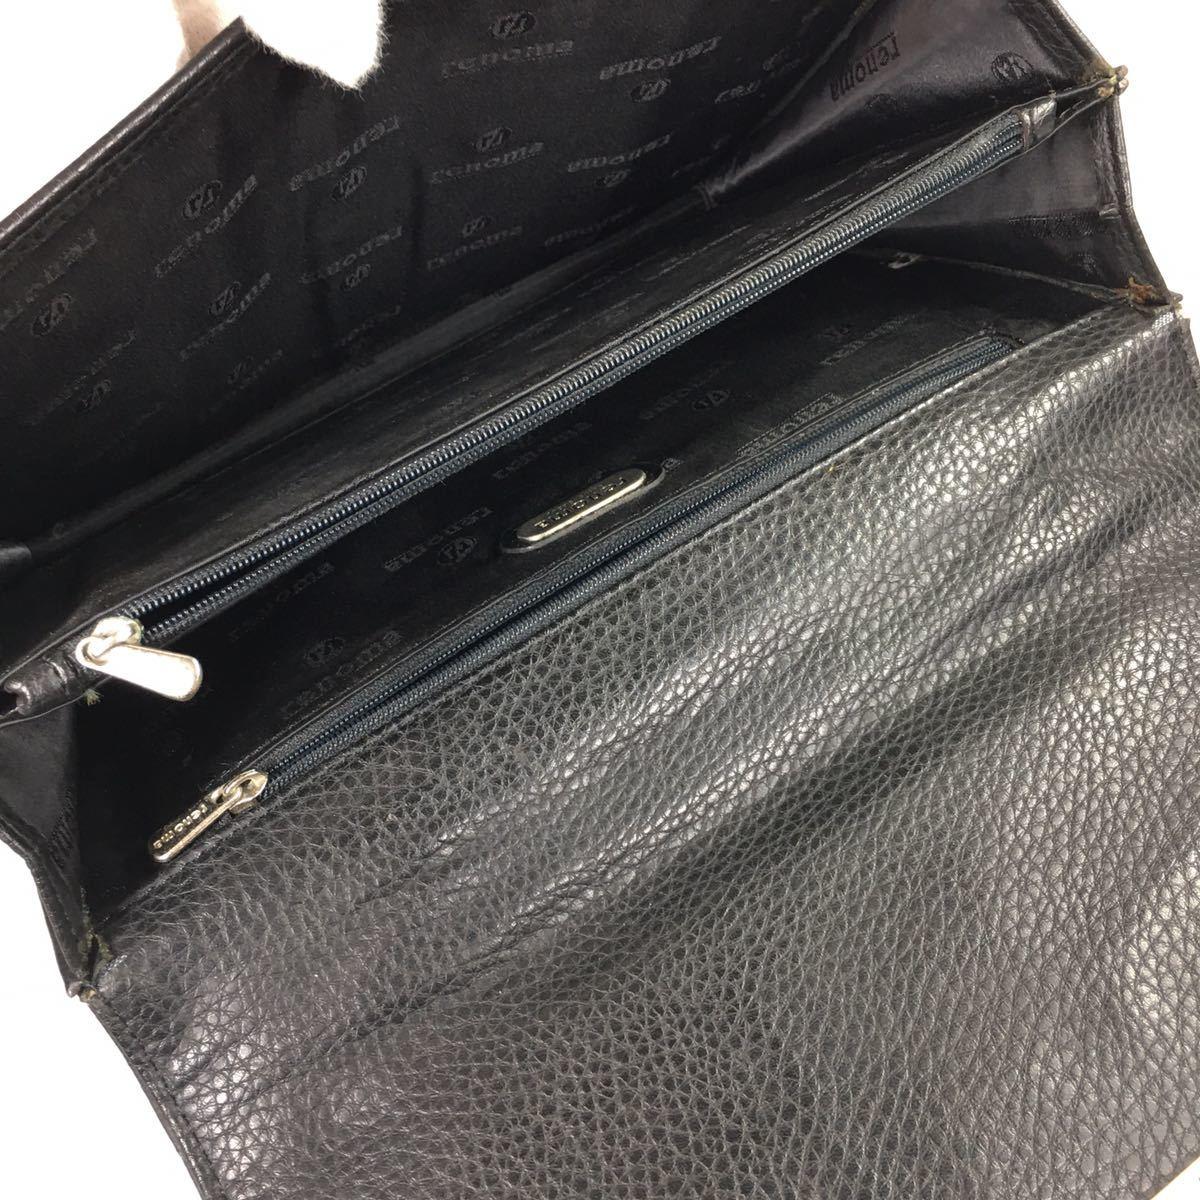 【レノマ】本物 renoma セカンドバッグ 黒 ミニビジネスバッグ 持ち手有り 男性用 メンズ_画像8